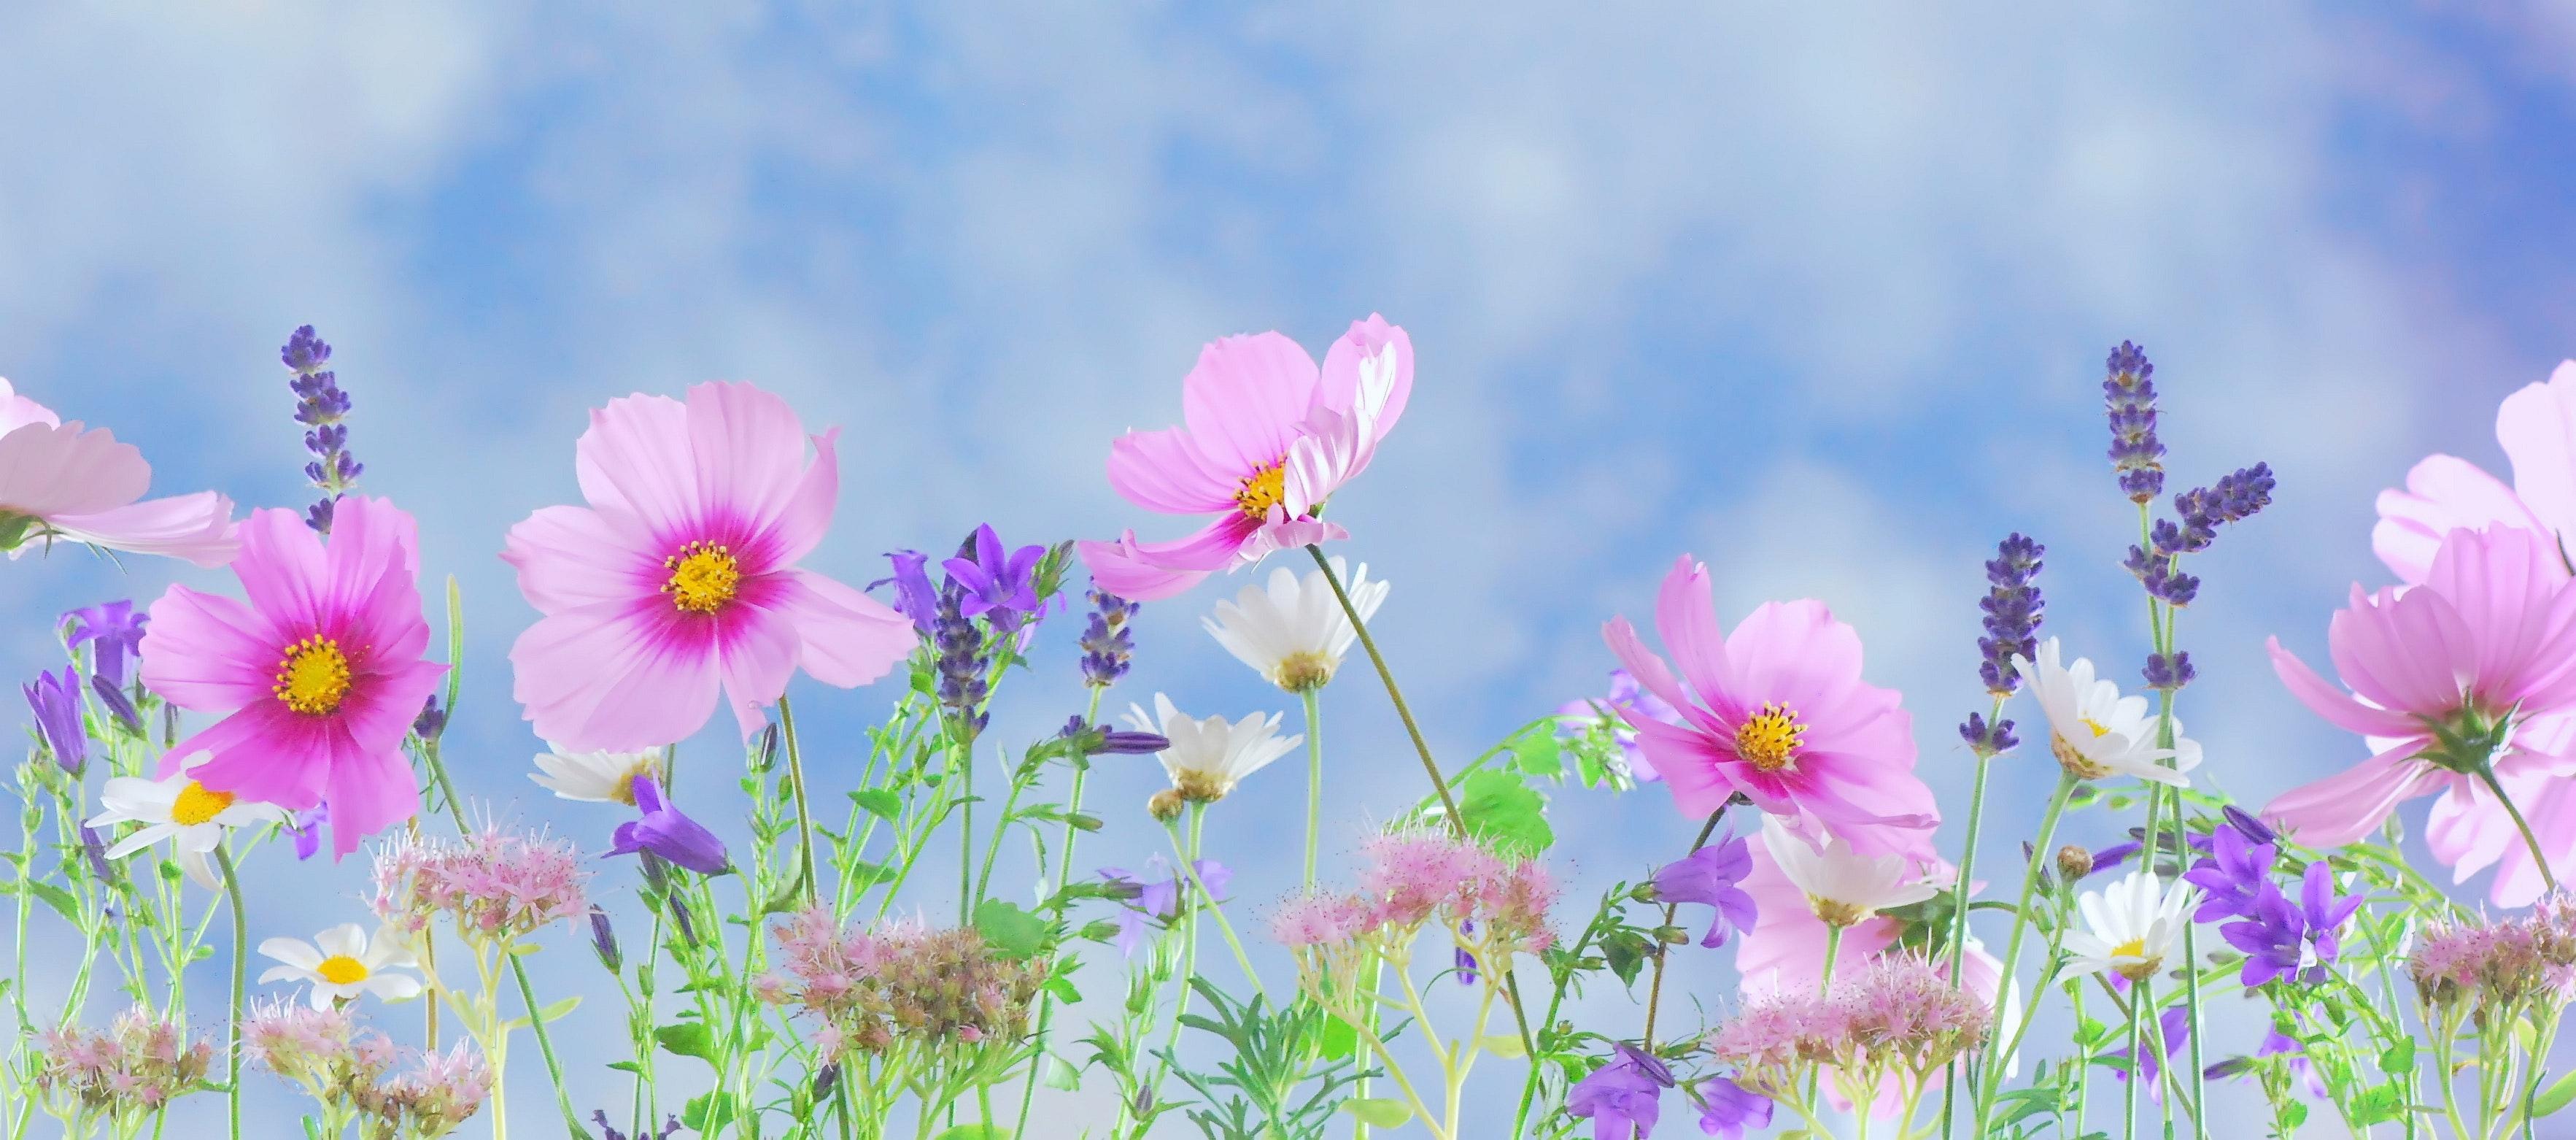 Superb Pink Petaled Flower During Daytime